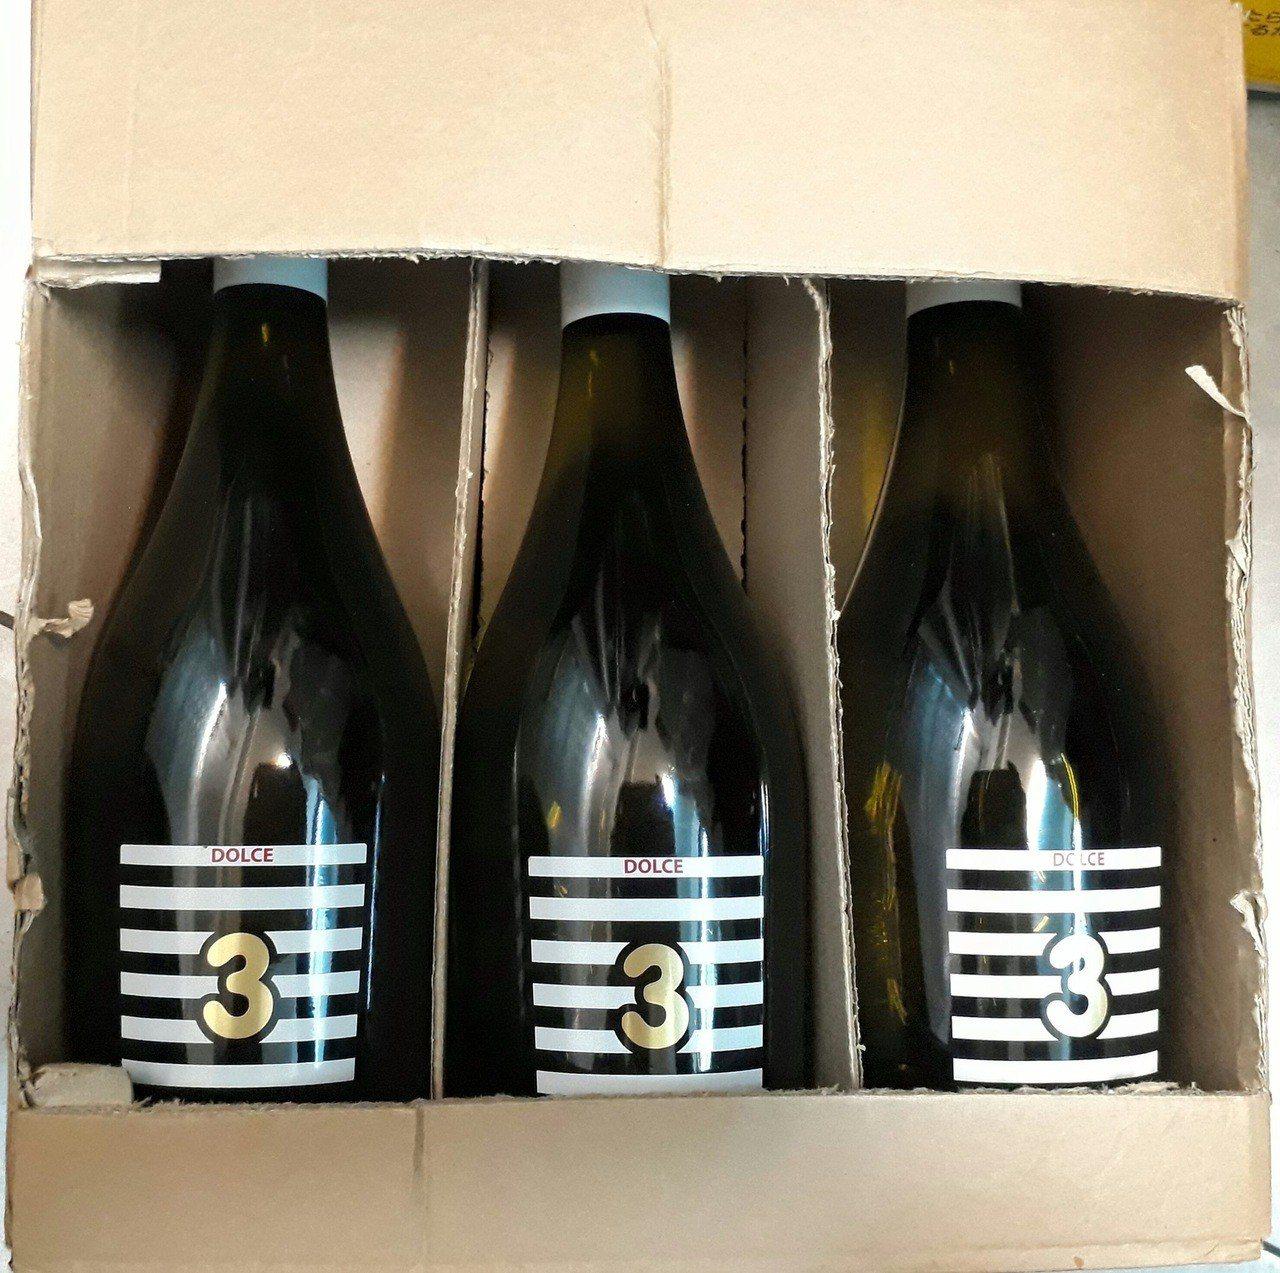 義大利Dolce 3慕思卡甜白酒,售價1,399元(6瓶)。圖/擷取自Costc...